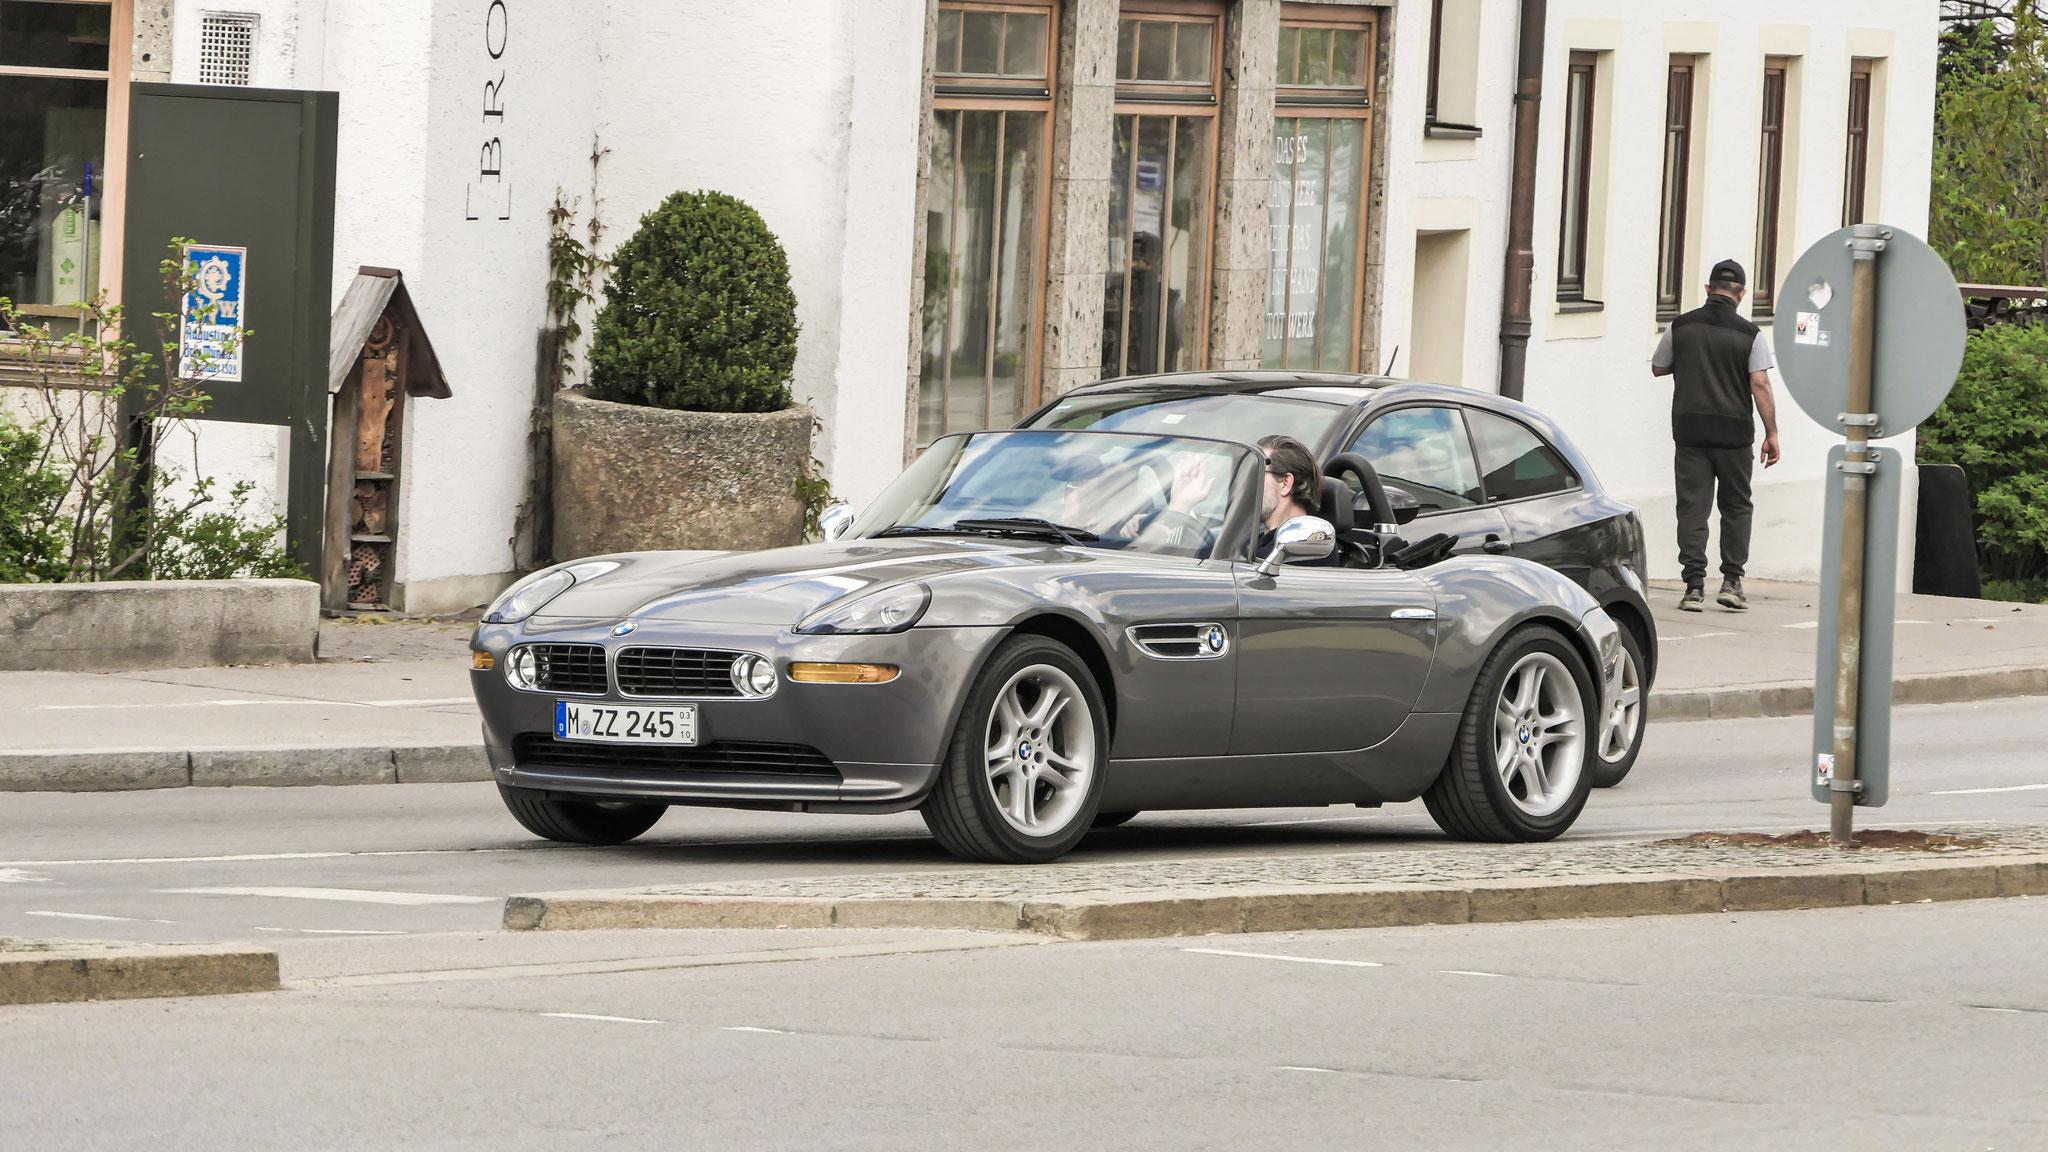 BMW Z8 - M-ZZ-245